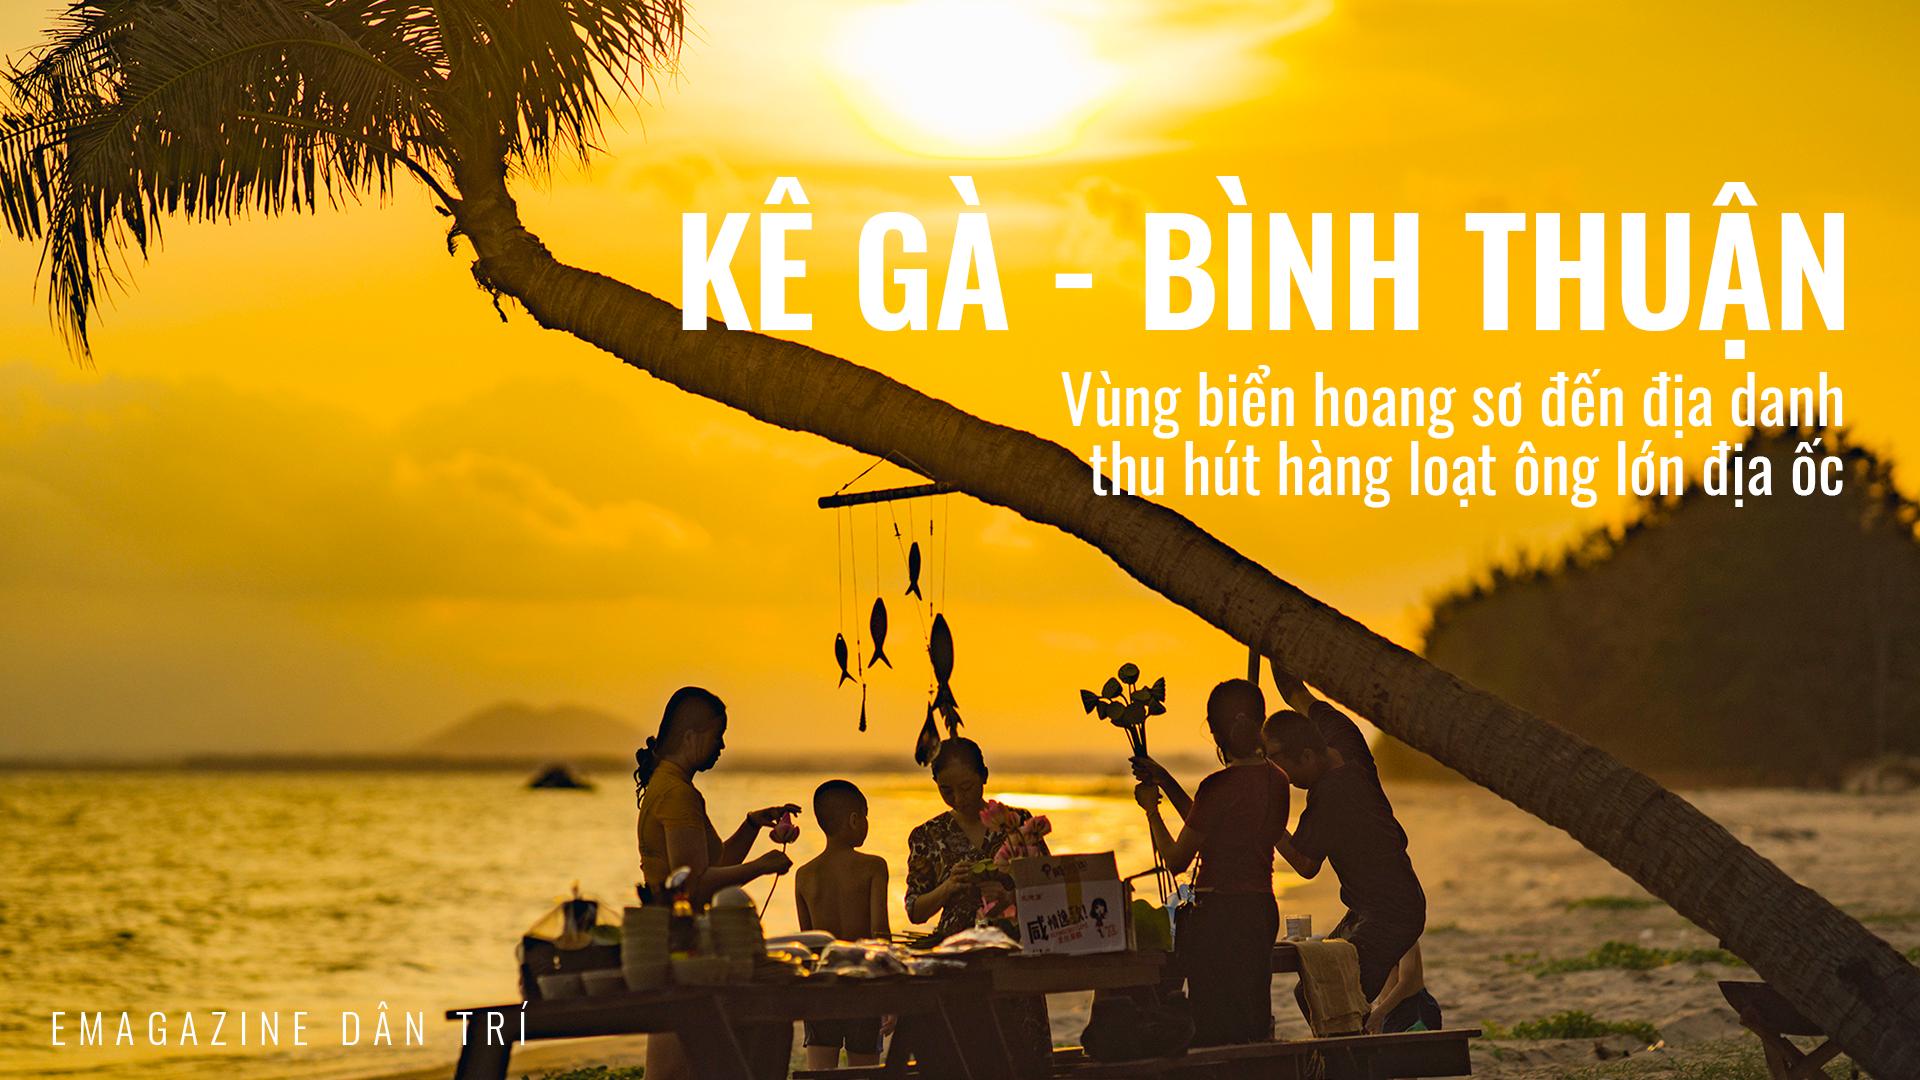 Kê Gà – Bình Thuận: Vùng biển hoang sơ đến địa danh thu hút hàng loạt ông lớn địa ốc - Ảnh 1